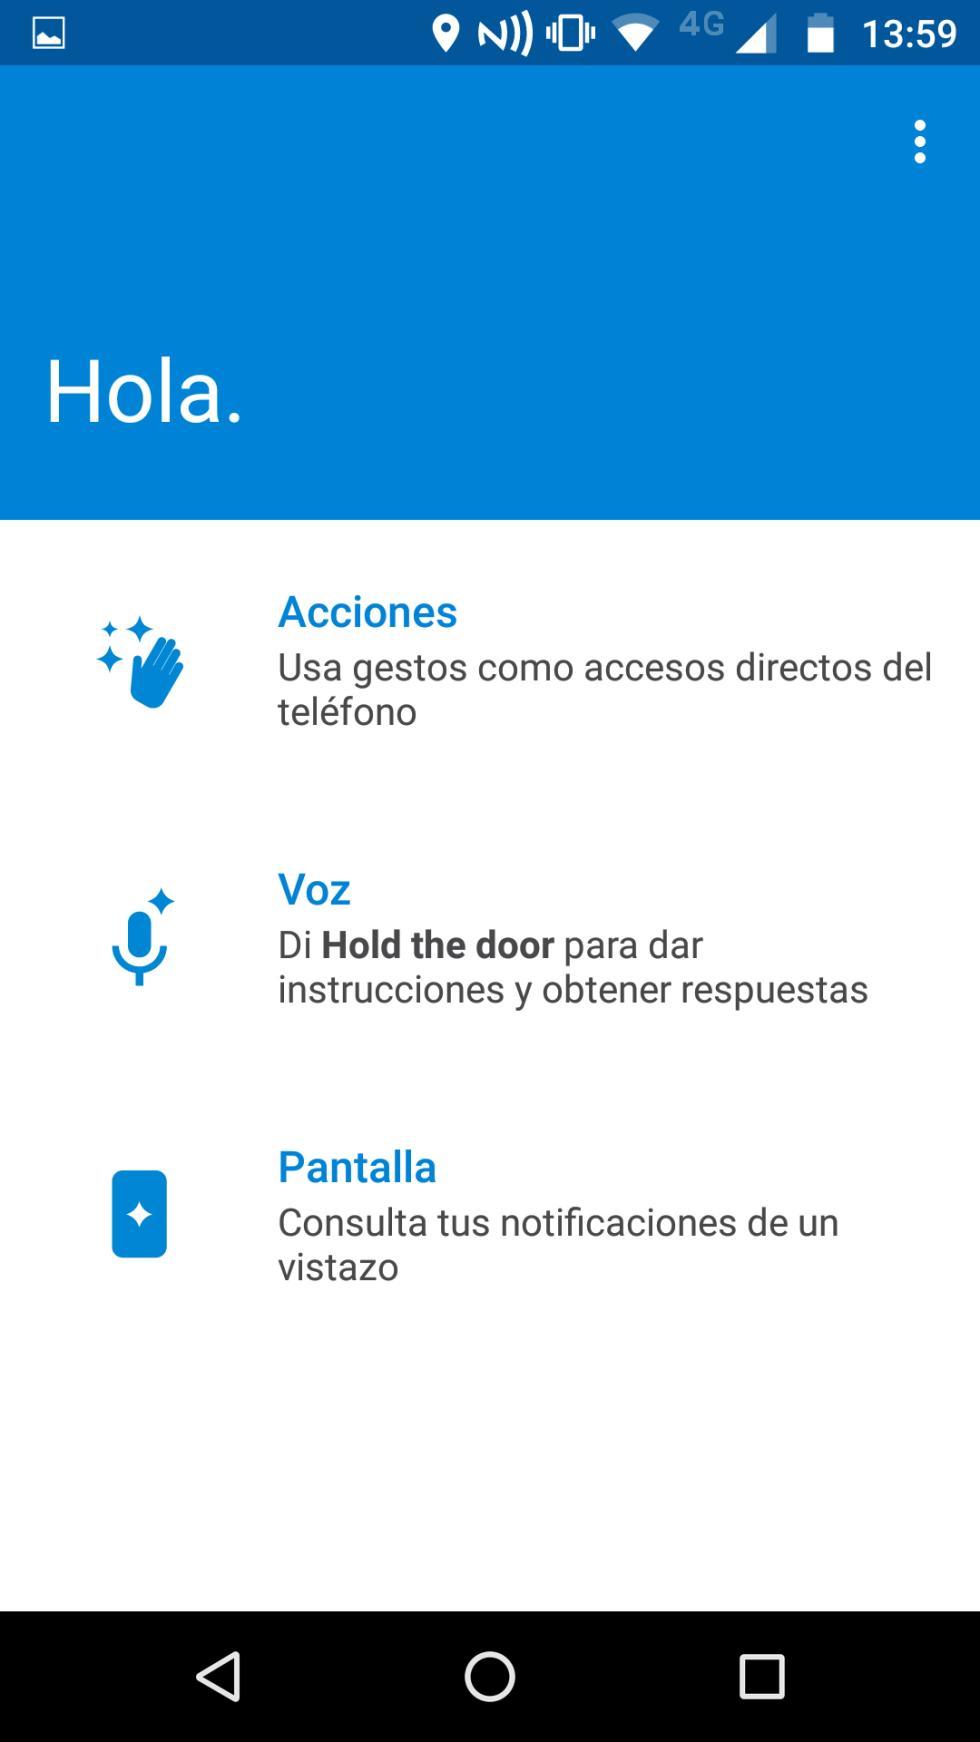 La aplicación de Moto